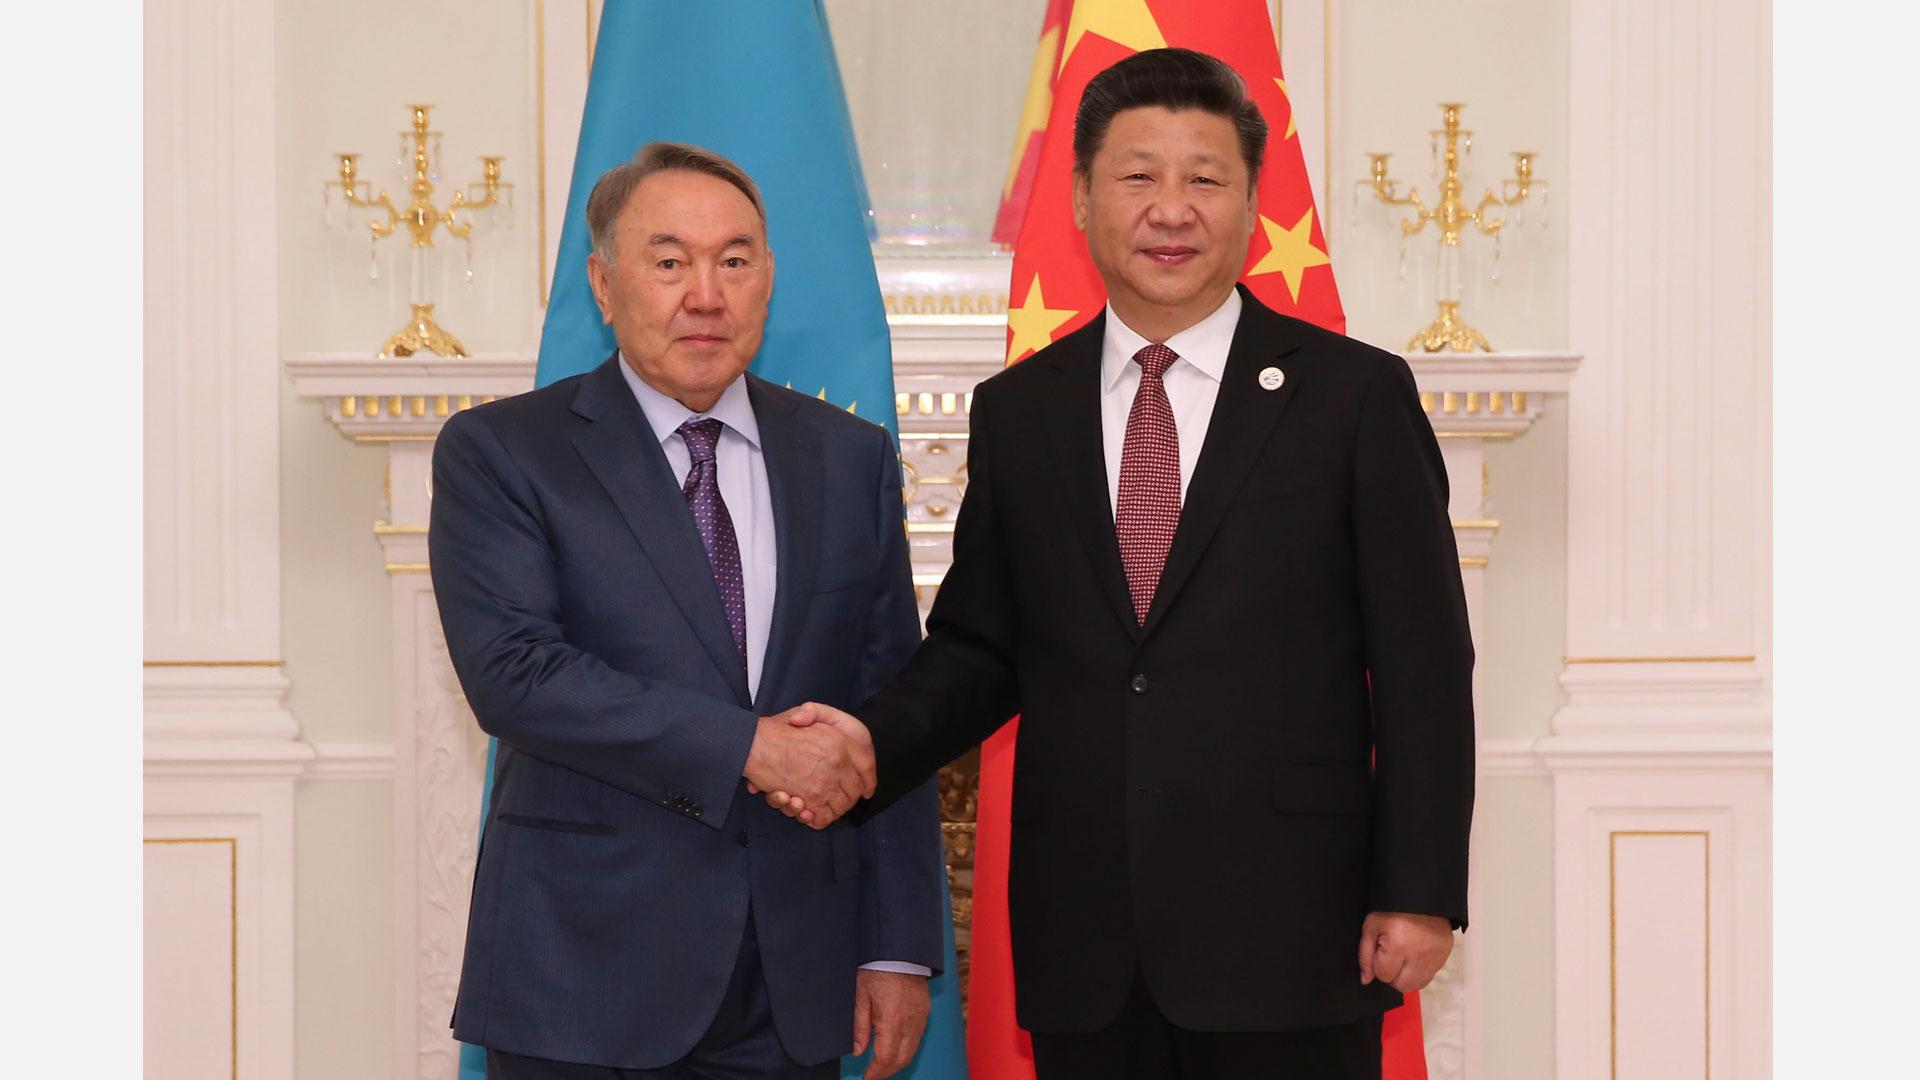 哈萨克斯坦总统-习近平新年贺词图片